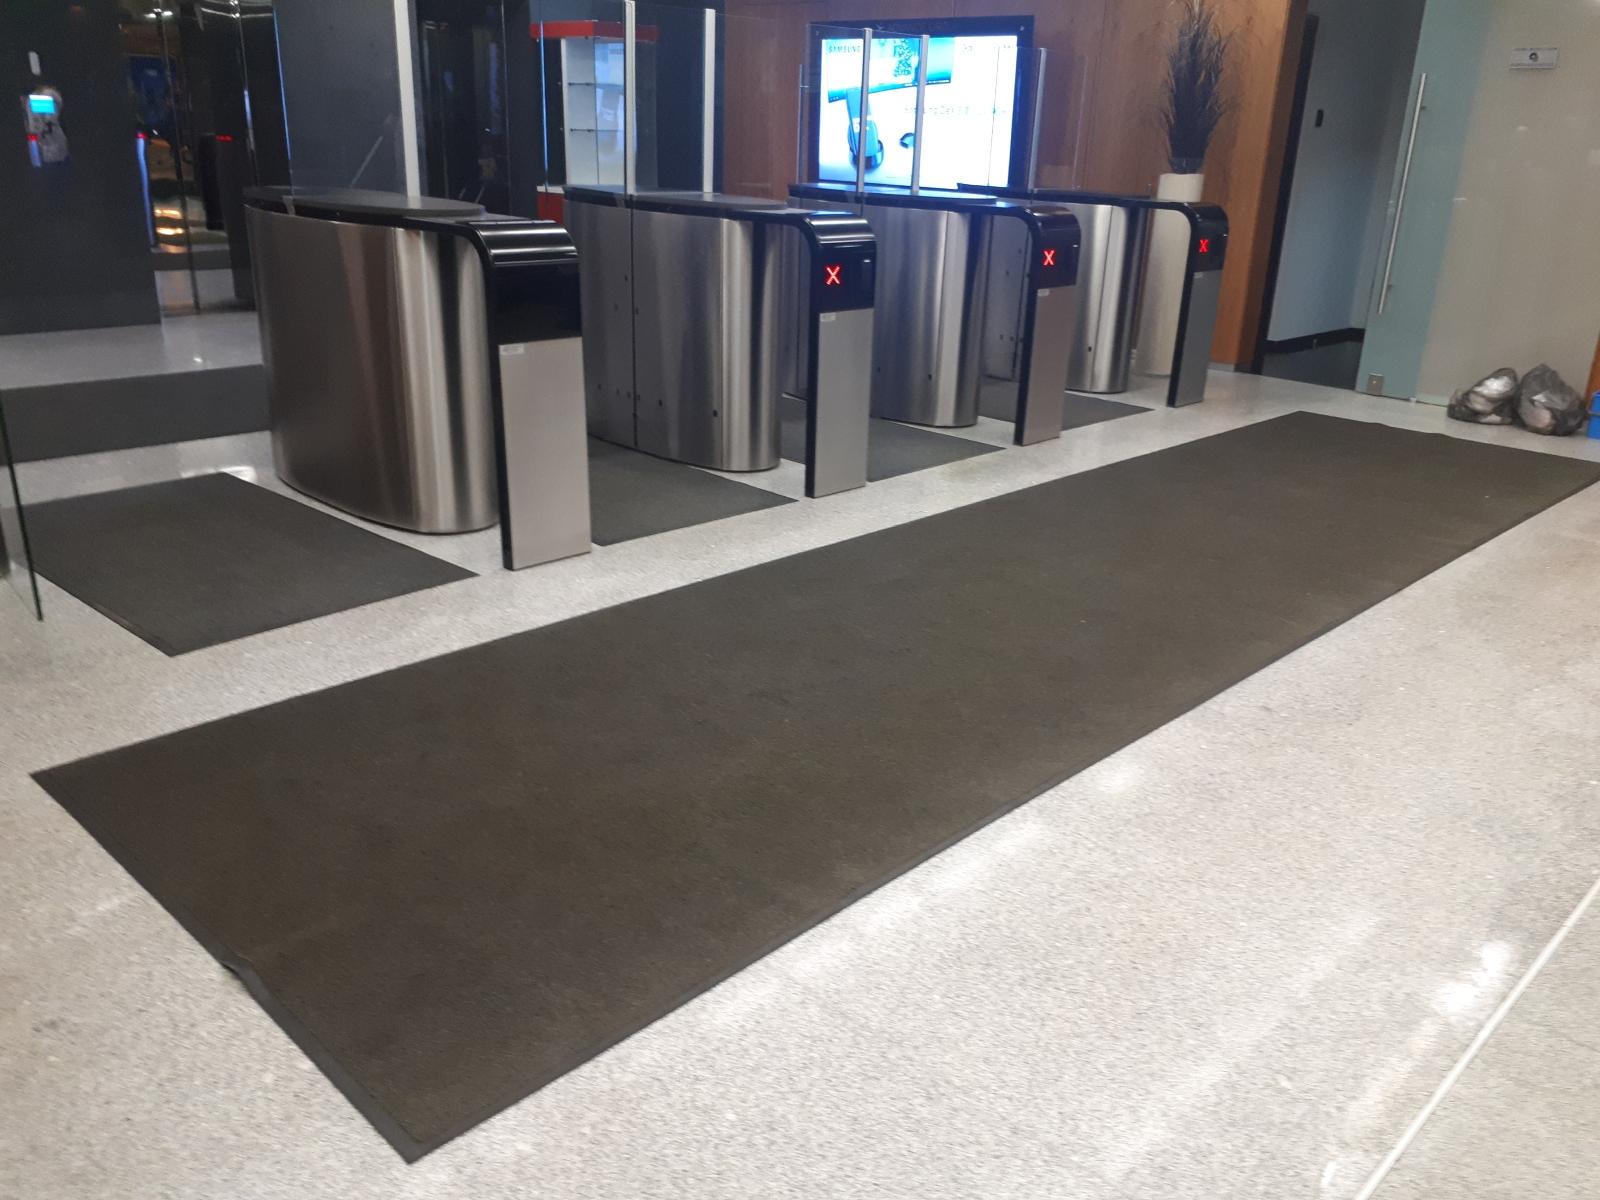 Аренда ковров для бизнес-центров